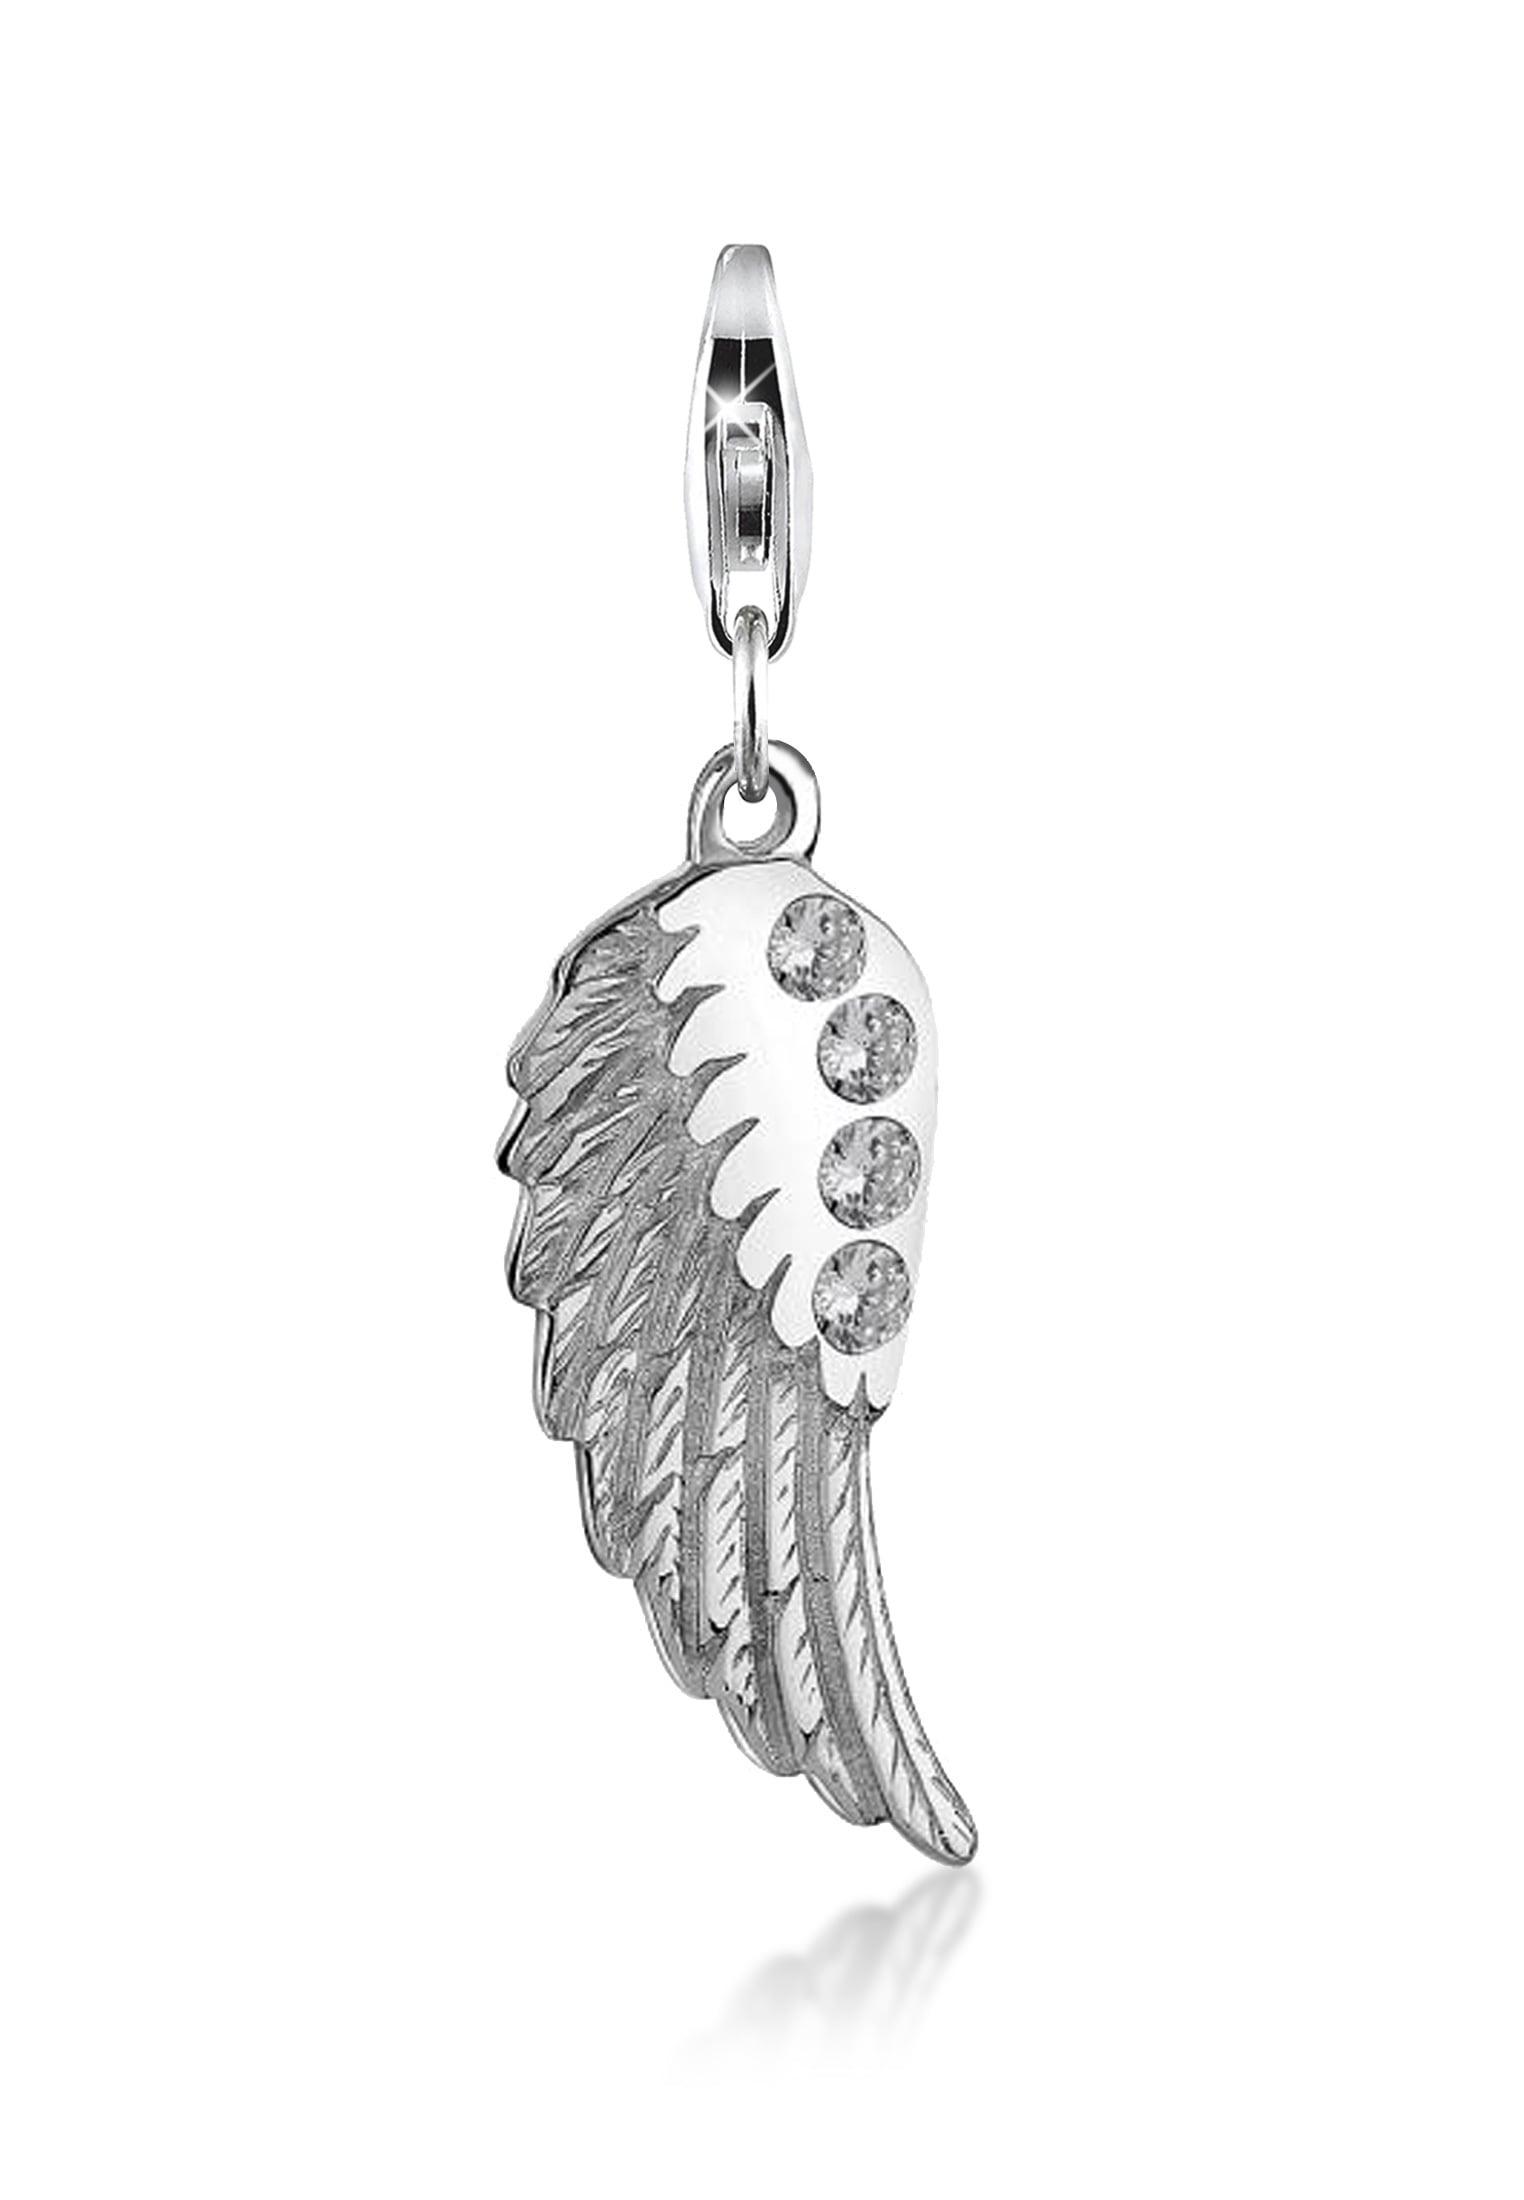 Nenalina Charm-Einhänger Anhänger Flügel Zirkonia Glücksbringer 925 Silber | Schmuck > Charms > Charms Anhänger | Nenalina